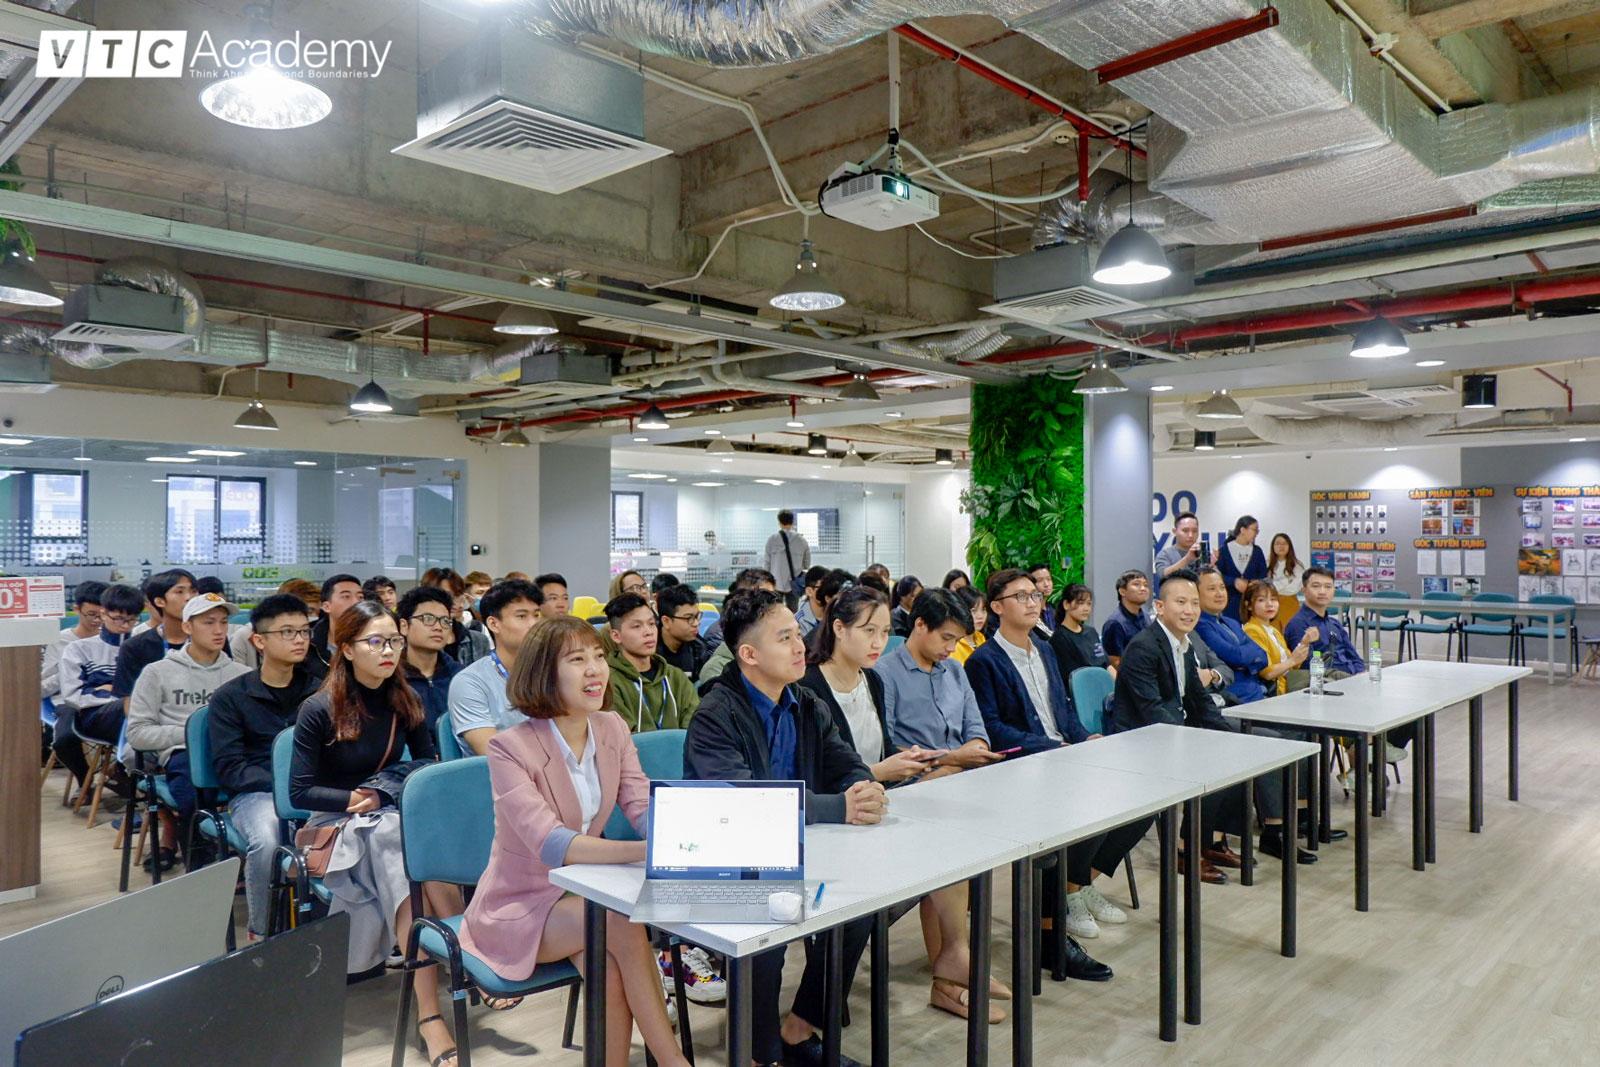 SConnect tổ chức workshop giới thiệu doanh nghiệp tại VTC Academy Hà Nội